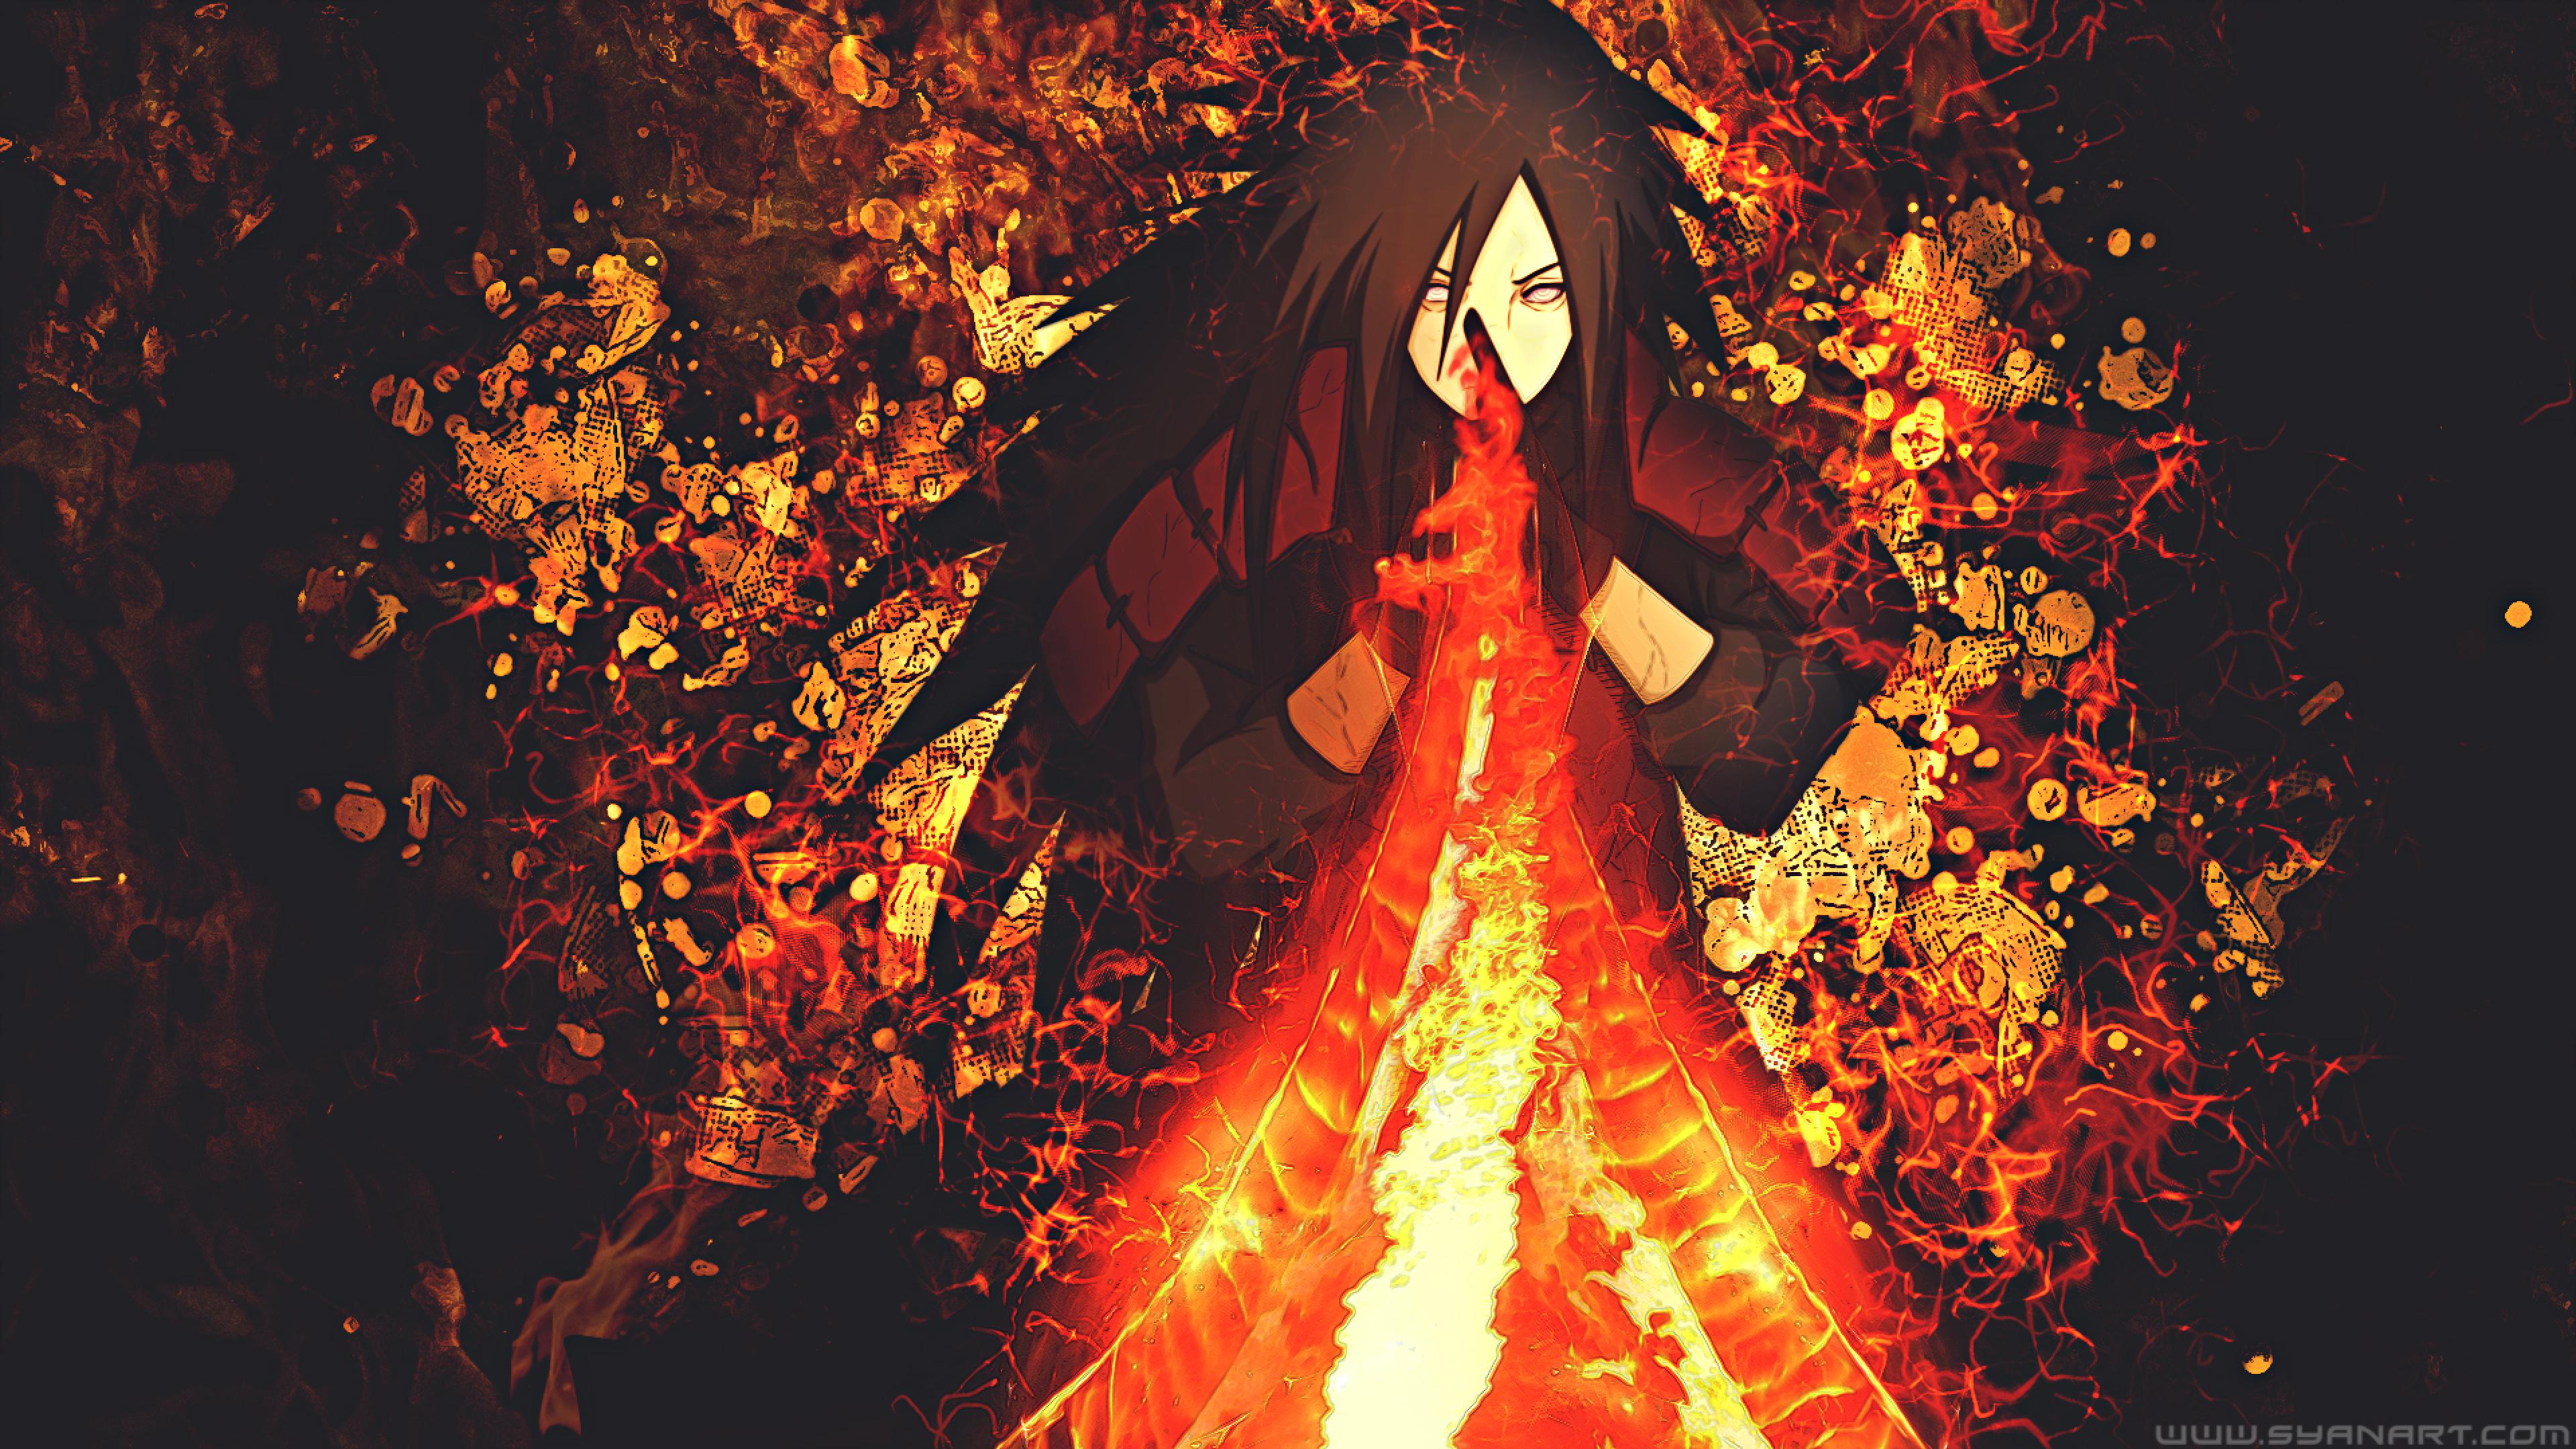 3840x2160 Madara Uchiha Naruto 4k Wallpaper Hd Anime 4k